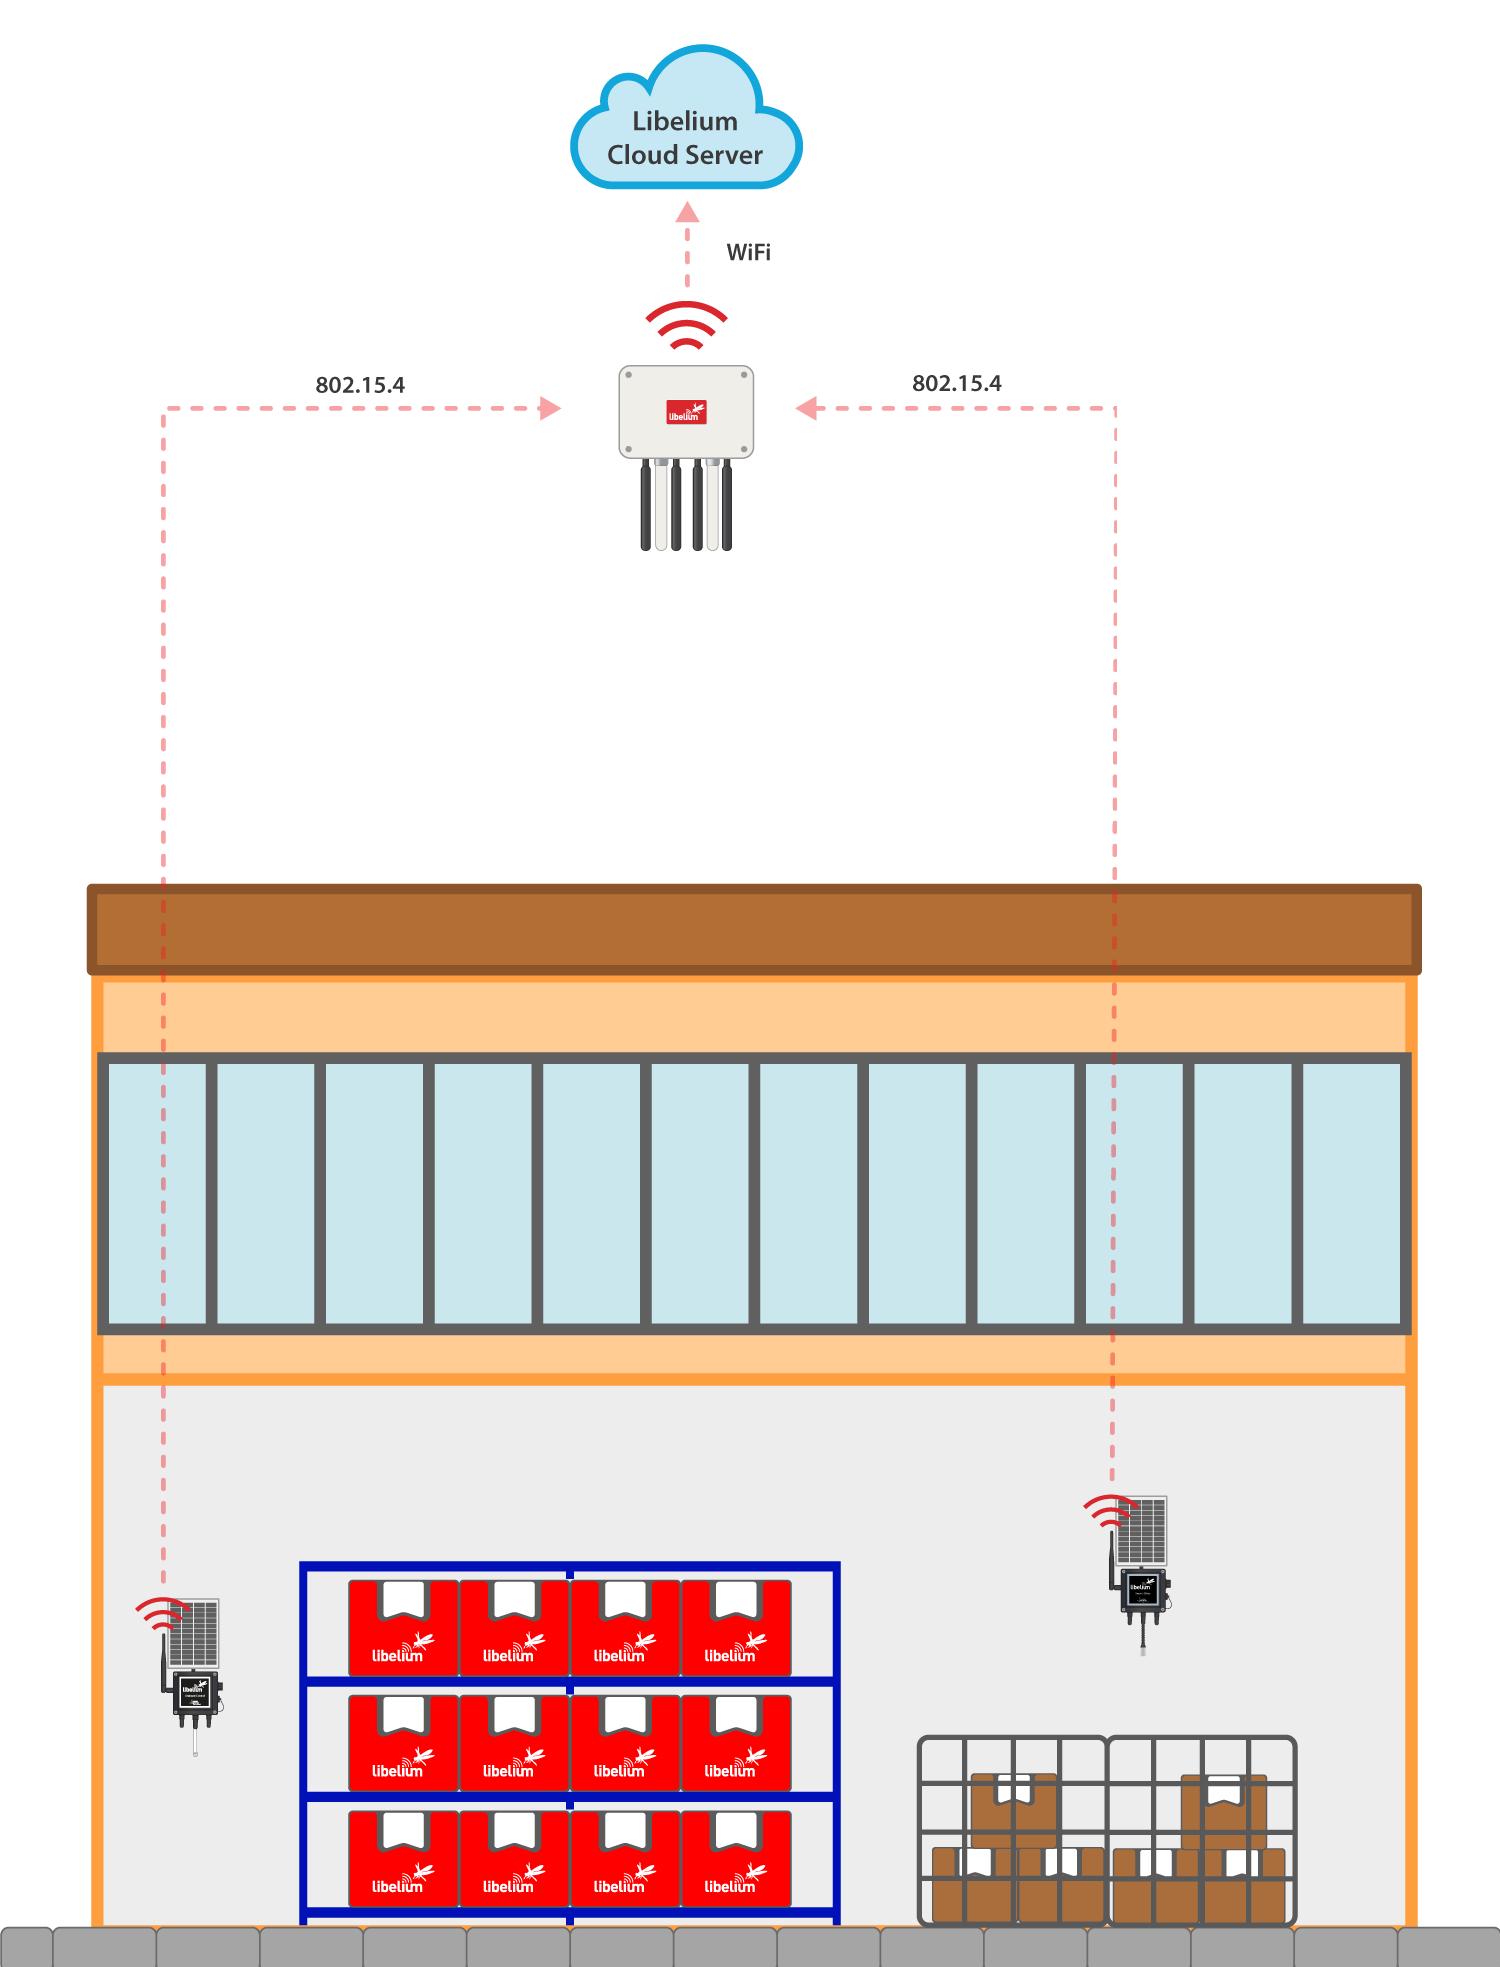 Diagram of Smart Libelium installation